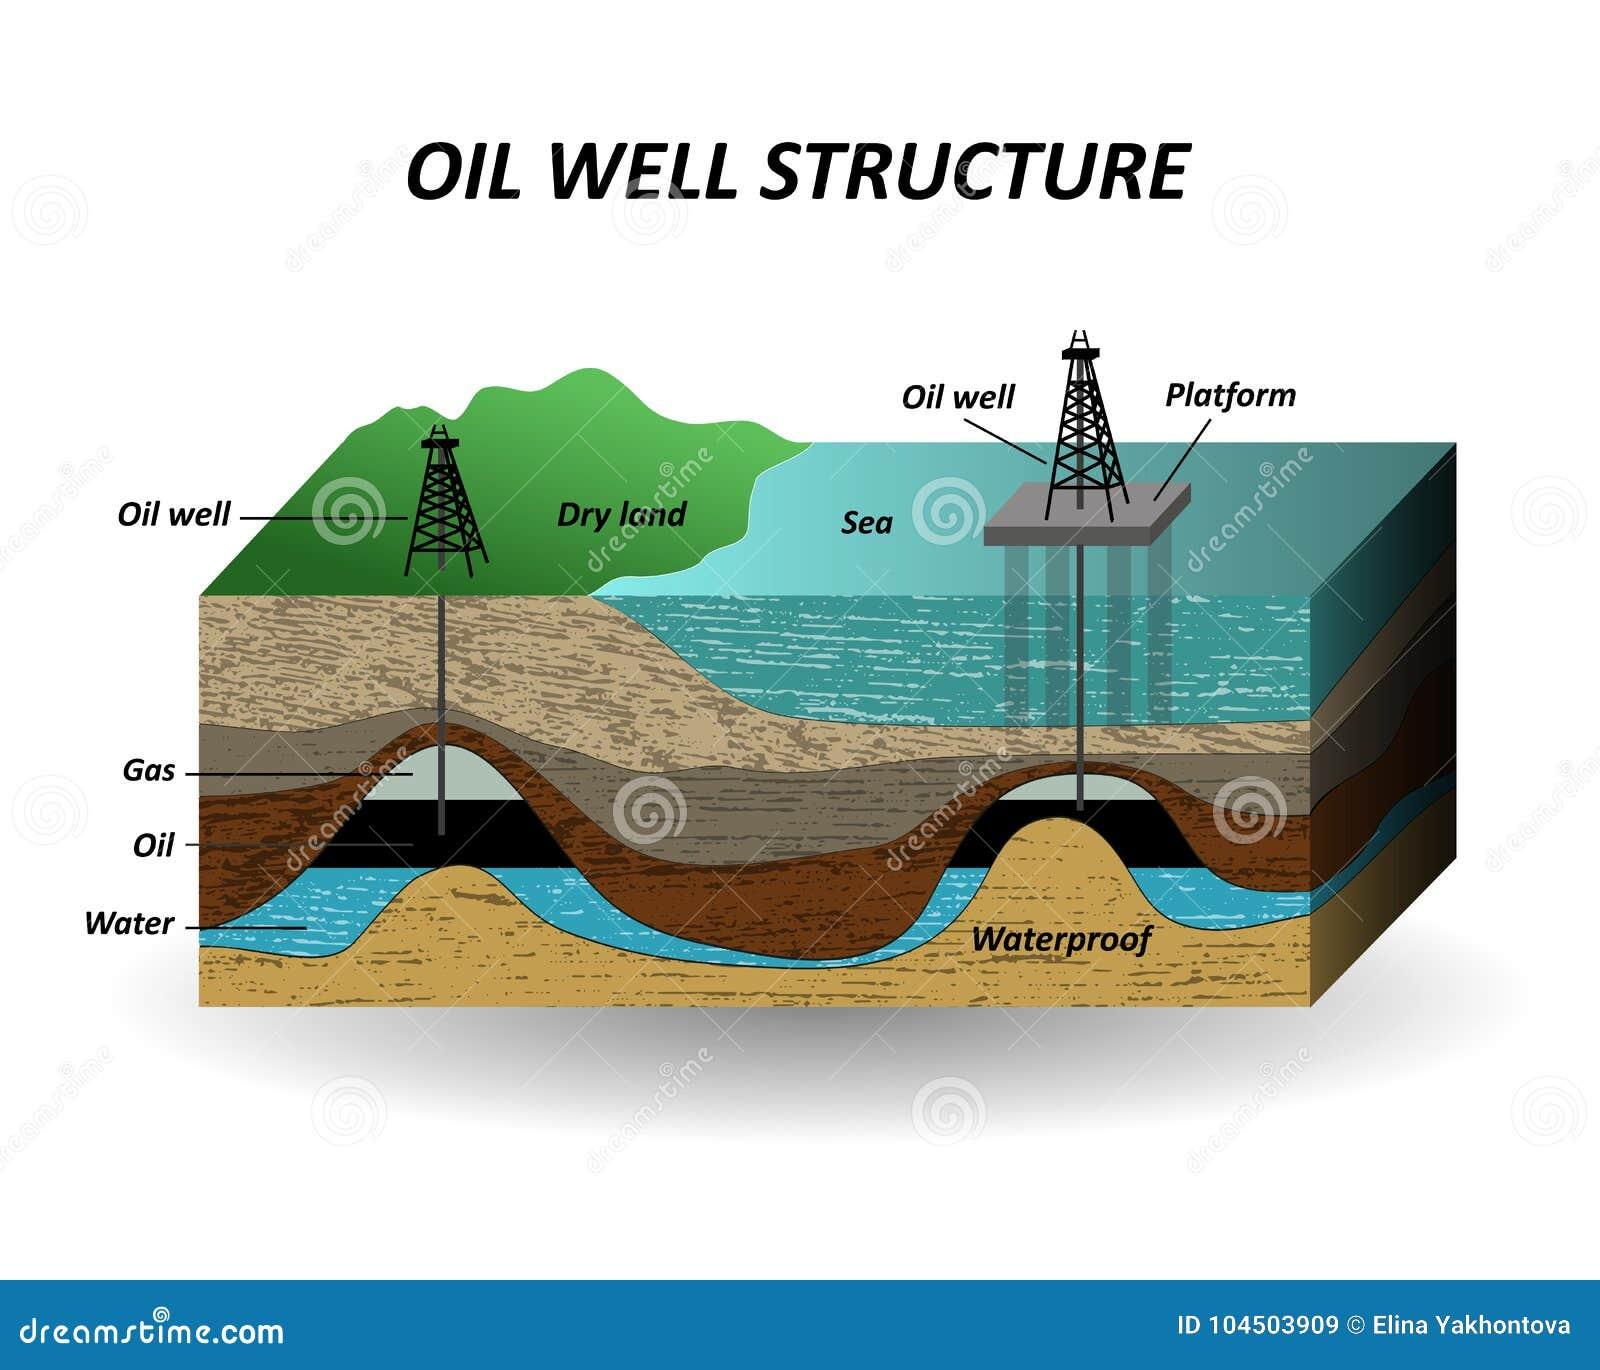 Εξαγωγή του πετρελαίου, εδαφολογικά στρώματα και καλά για τους τρυπώντας με τρυπάνι πόρους πετρελαίου Το διάγραμμα, ένα πρότυπο γ